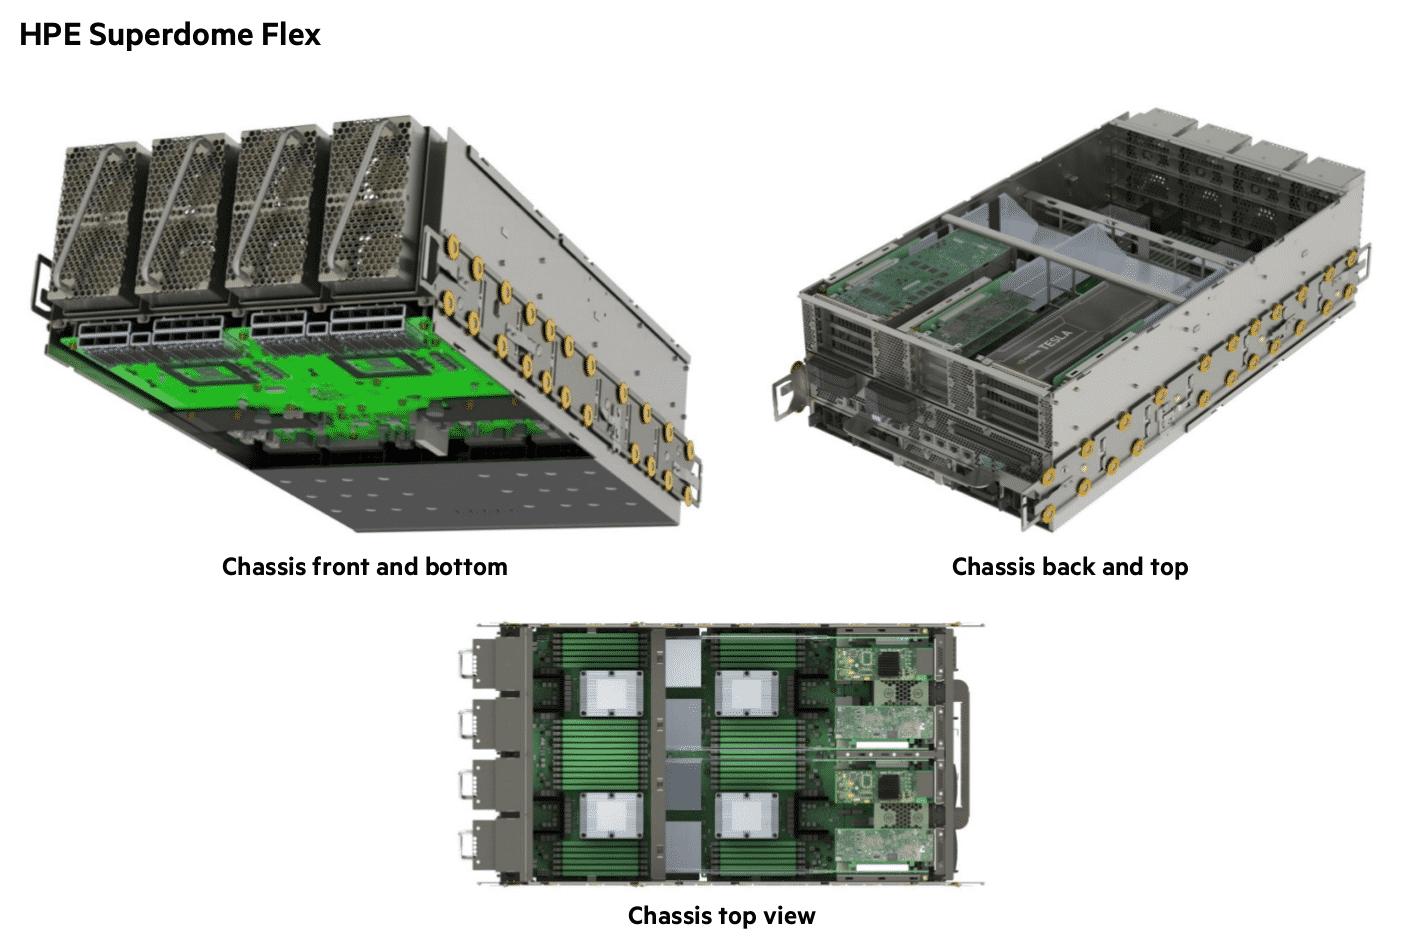 Ein Chassis des neuen Superdome Flex fasst bis zu 8 Vier-Sockel-Server mit Xeon-CPUs und jeweils bis zu 6 Terabyte Hauptspeicher. Zwei Chassis können per Interconnect verbunden und so der Hauptspeicher geteilt werden.